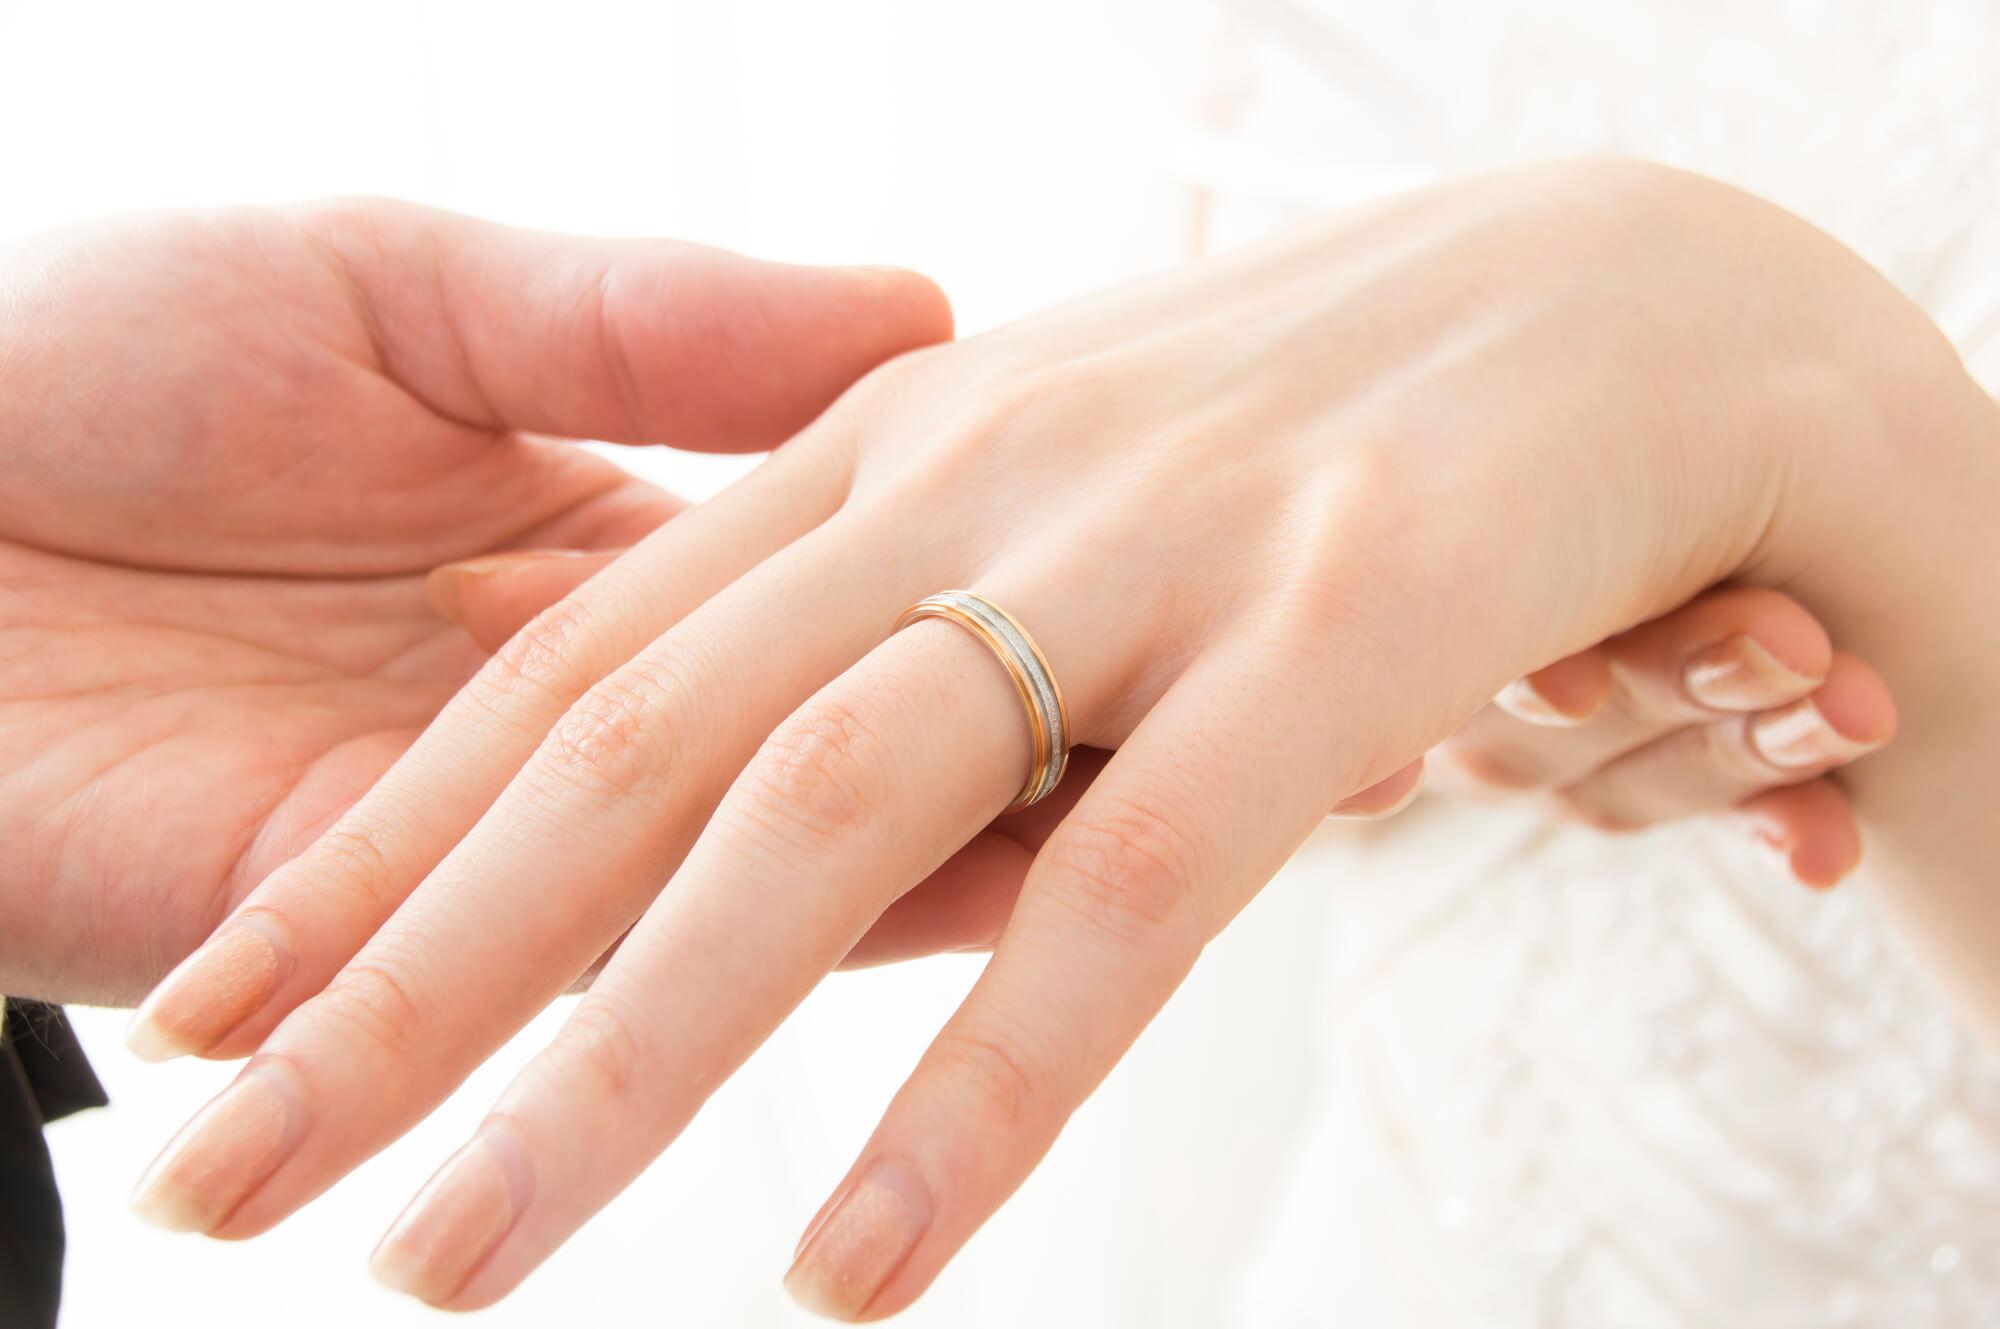 結婚線がある女性の手